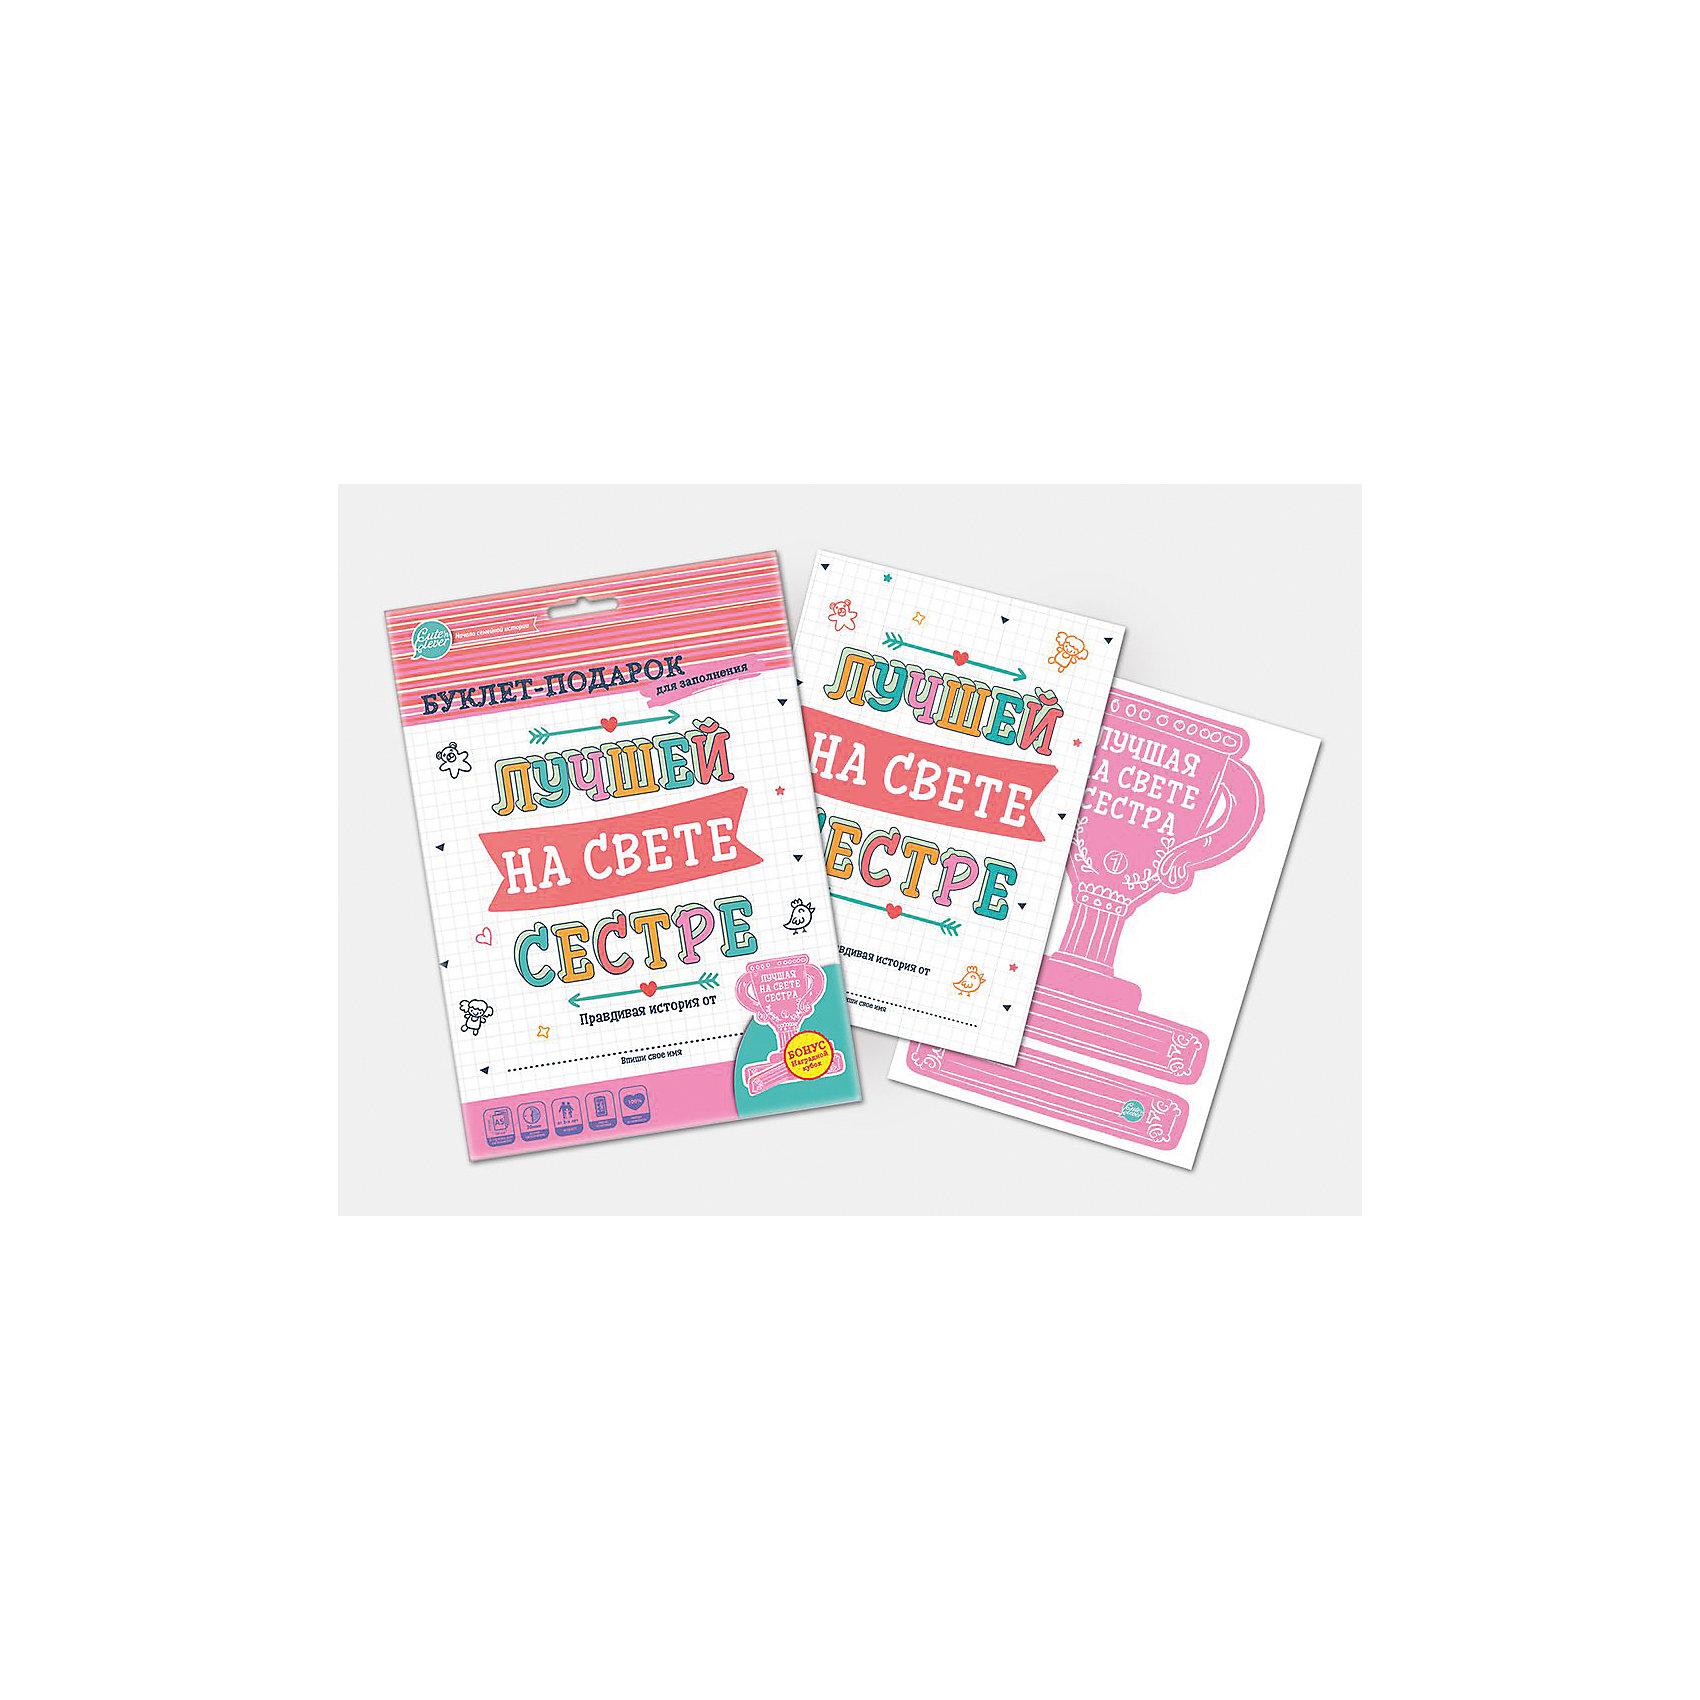 Буклет для заполнения Лучшей на свете сестре, Cuten CleverБуклет для заполнения Лучшей на свете сестре, Cuten Clever.<br><br>Характеристики:<br><br>• Материал: картон<br>• Упаковка: картонный конверт<br>• Размер упаковки: 24х17х0,5 см.<br><br>Целая история о любимой сестре, написанная и нарисованная ребенком – какой подарок может быть лучше?! Красочно оформленный буклет для заполнения поможет красиво поздравить сестру с Днем Рождения, 8 марта, или просто без повода рассказать ей о своей любви. Приятный бонус наградной кубок Лучшая на свете Сестра, сестра сможет гордо поставить у себя! Искренние теплые слова ребенка, написанные порой с ошибками, но просто и от души, порадуют сестру. Сохранив заполненный буклет в семейном альбоме, через много лет будет безумно интересно прочитать его вновь.<br><br>Буклет для заполнения Лучшей на свете сестре, Cuten Clever можно купить в нашем интернет-магазине.<br><br>Ширина мм: 241<br>Глубина мм: 172<br>Высота мм: 50<br>Вес г: 50<br>Возраст от месяцев: 36<br>Возраст до месяцев: 2147483647<br>Пол: Унисекс<br>Возраст: Детский<br>SKU: 5454159